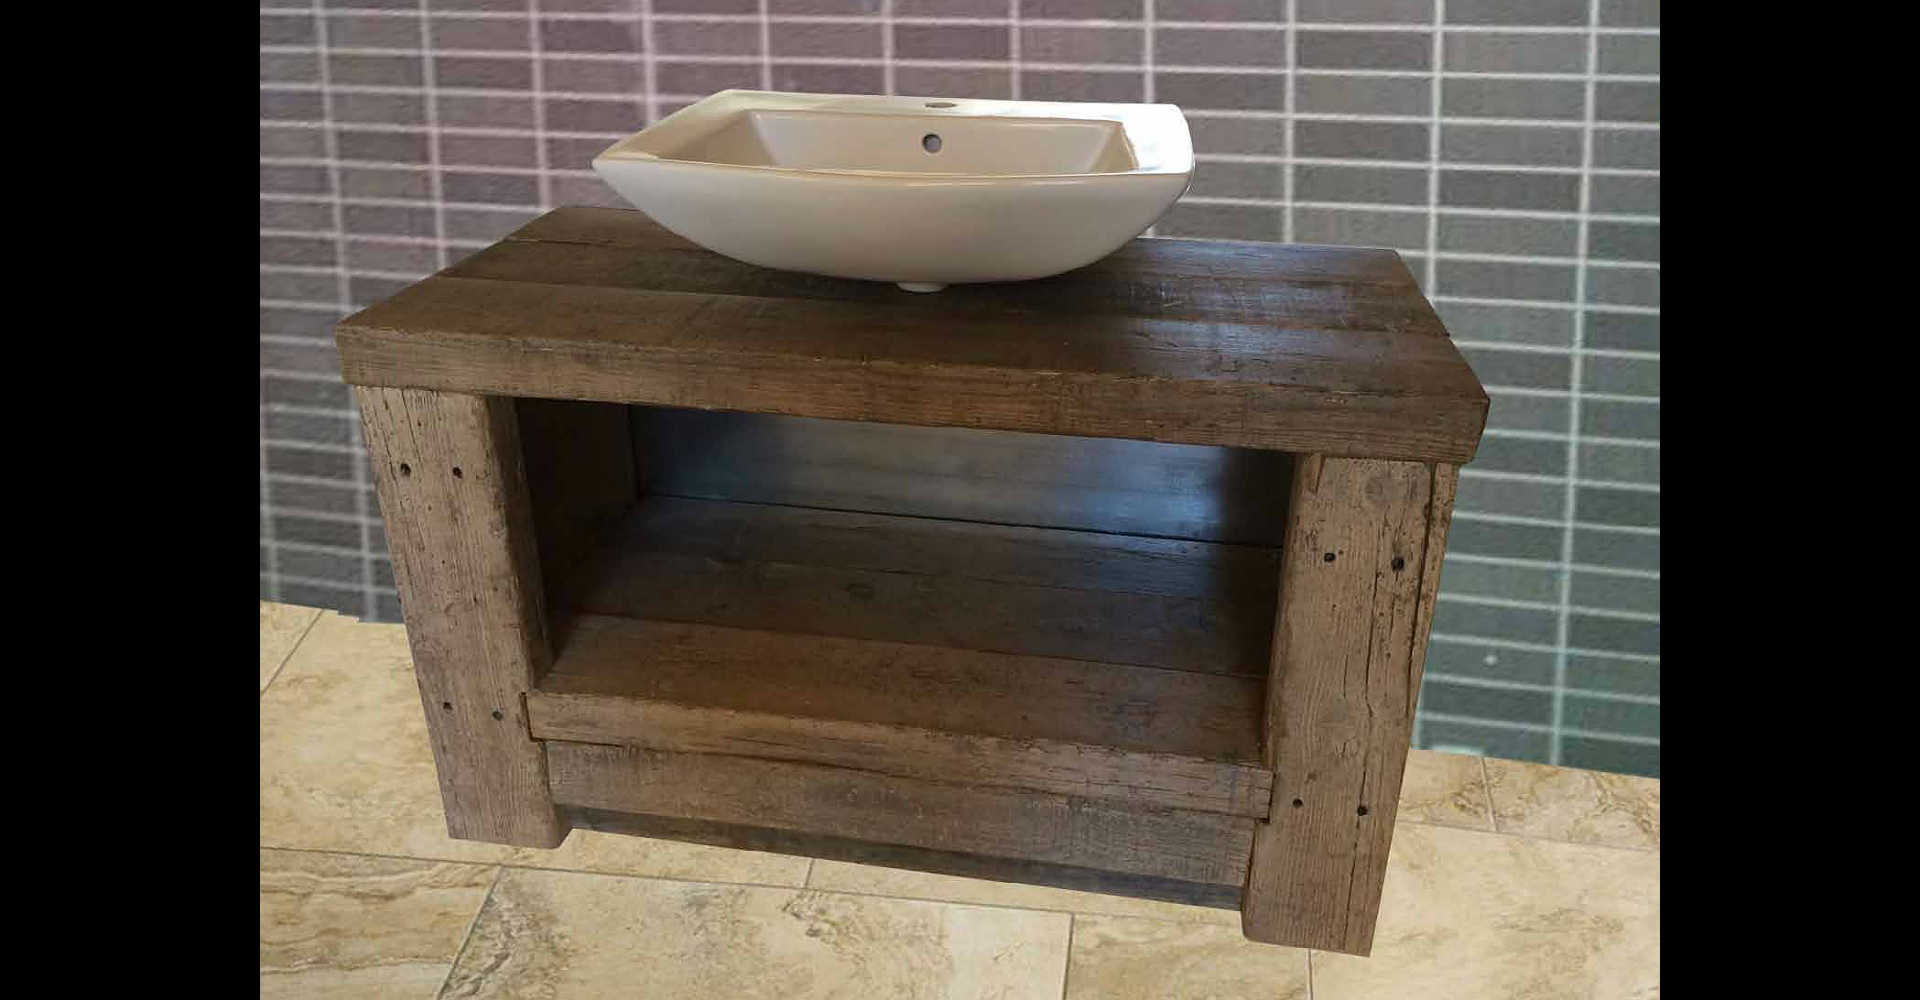 Coolwood muebles originales de gran formato de madera for Diseno de muebles con madera reciclada